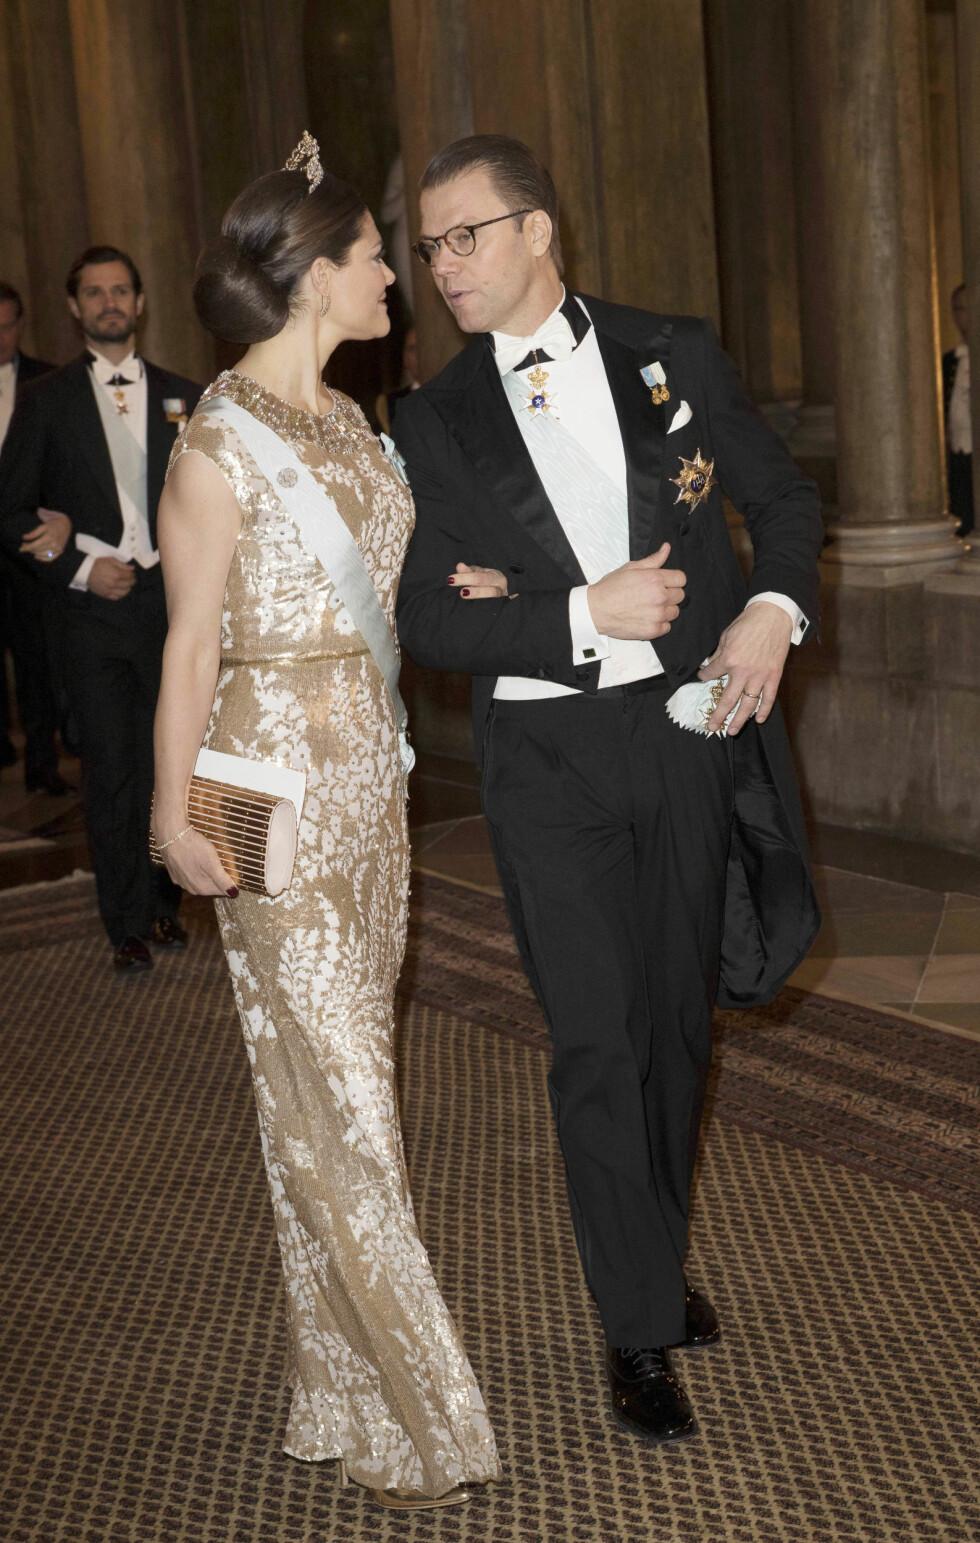 FORELSKET: Kronprinsesse Victoria stilte i gjenbruk under festlighetene søndag kveld. Her med ektemannen prins Daniel. Foto: NTB Scanpix